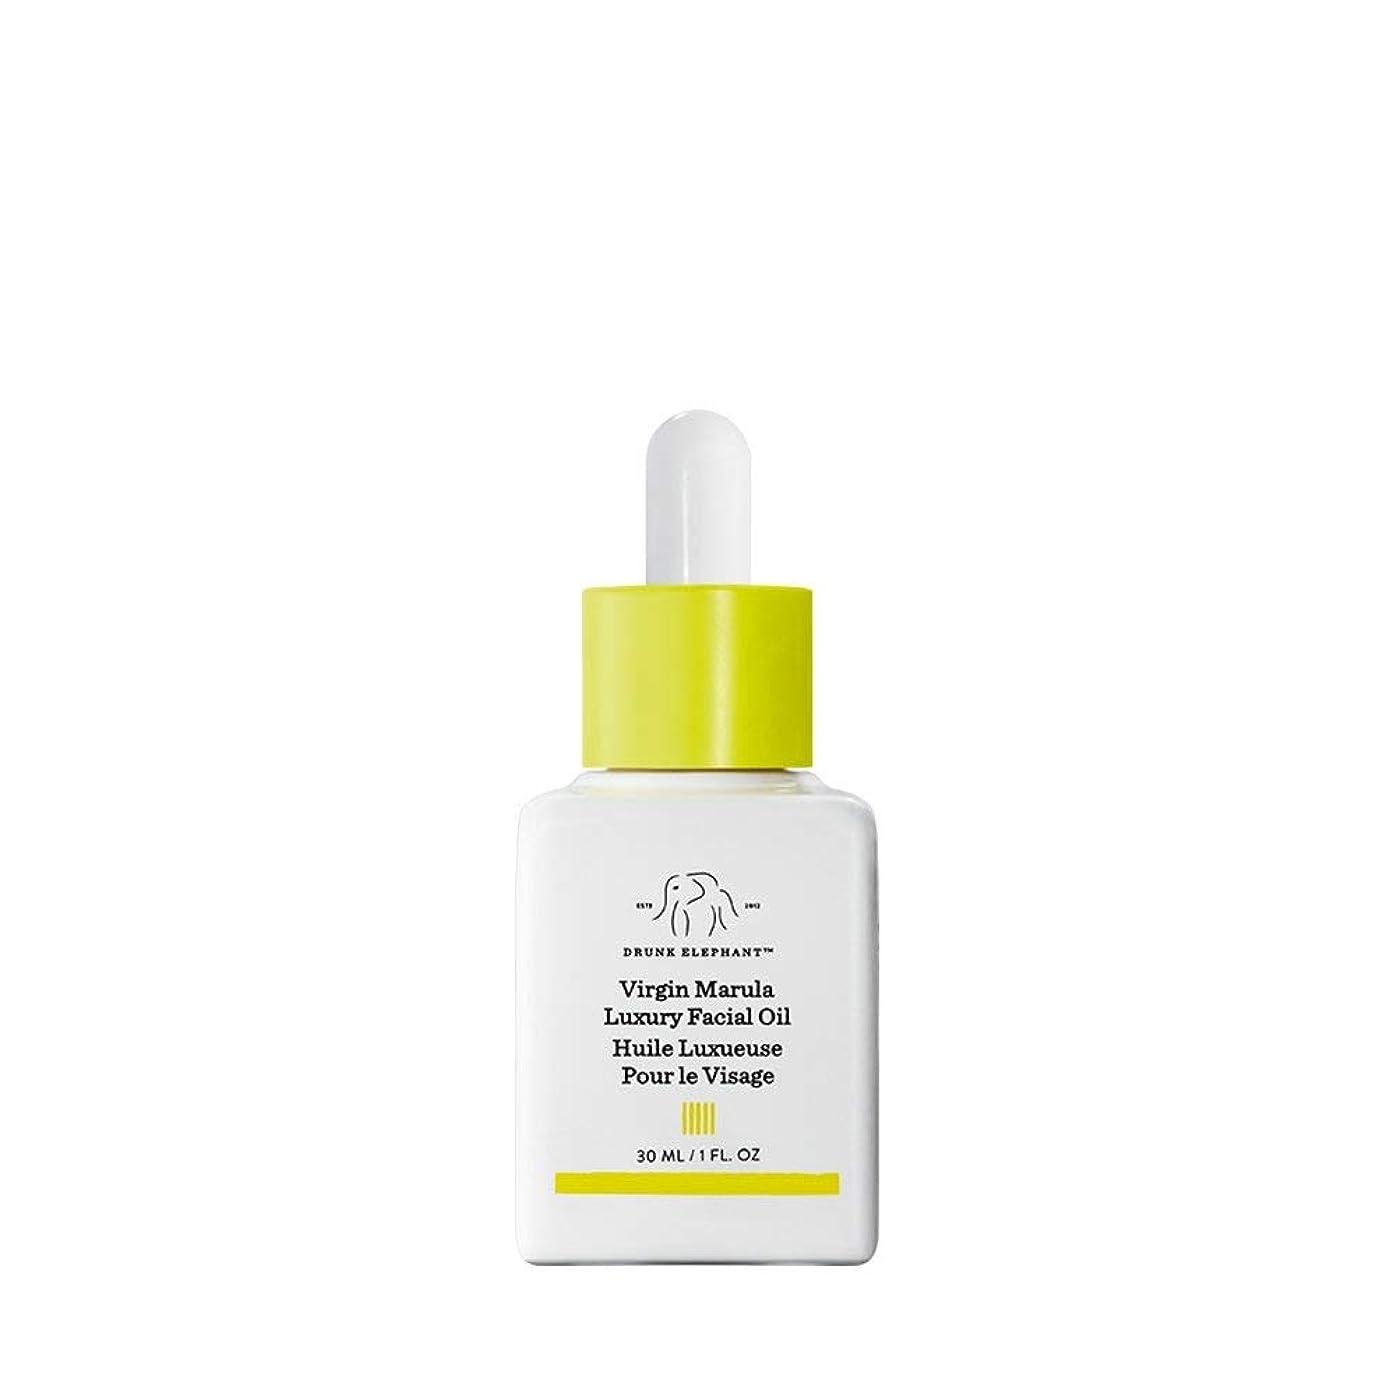 認識トリッキー近所のDRUNK ELEPHANT Virgin Marula Luxury Facial Oil 1 oz/ 30 ml ドランクエレファント バージンマルラ ラグジュアリー フェイシャルオイル1 oz/ 30 ml